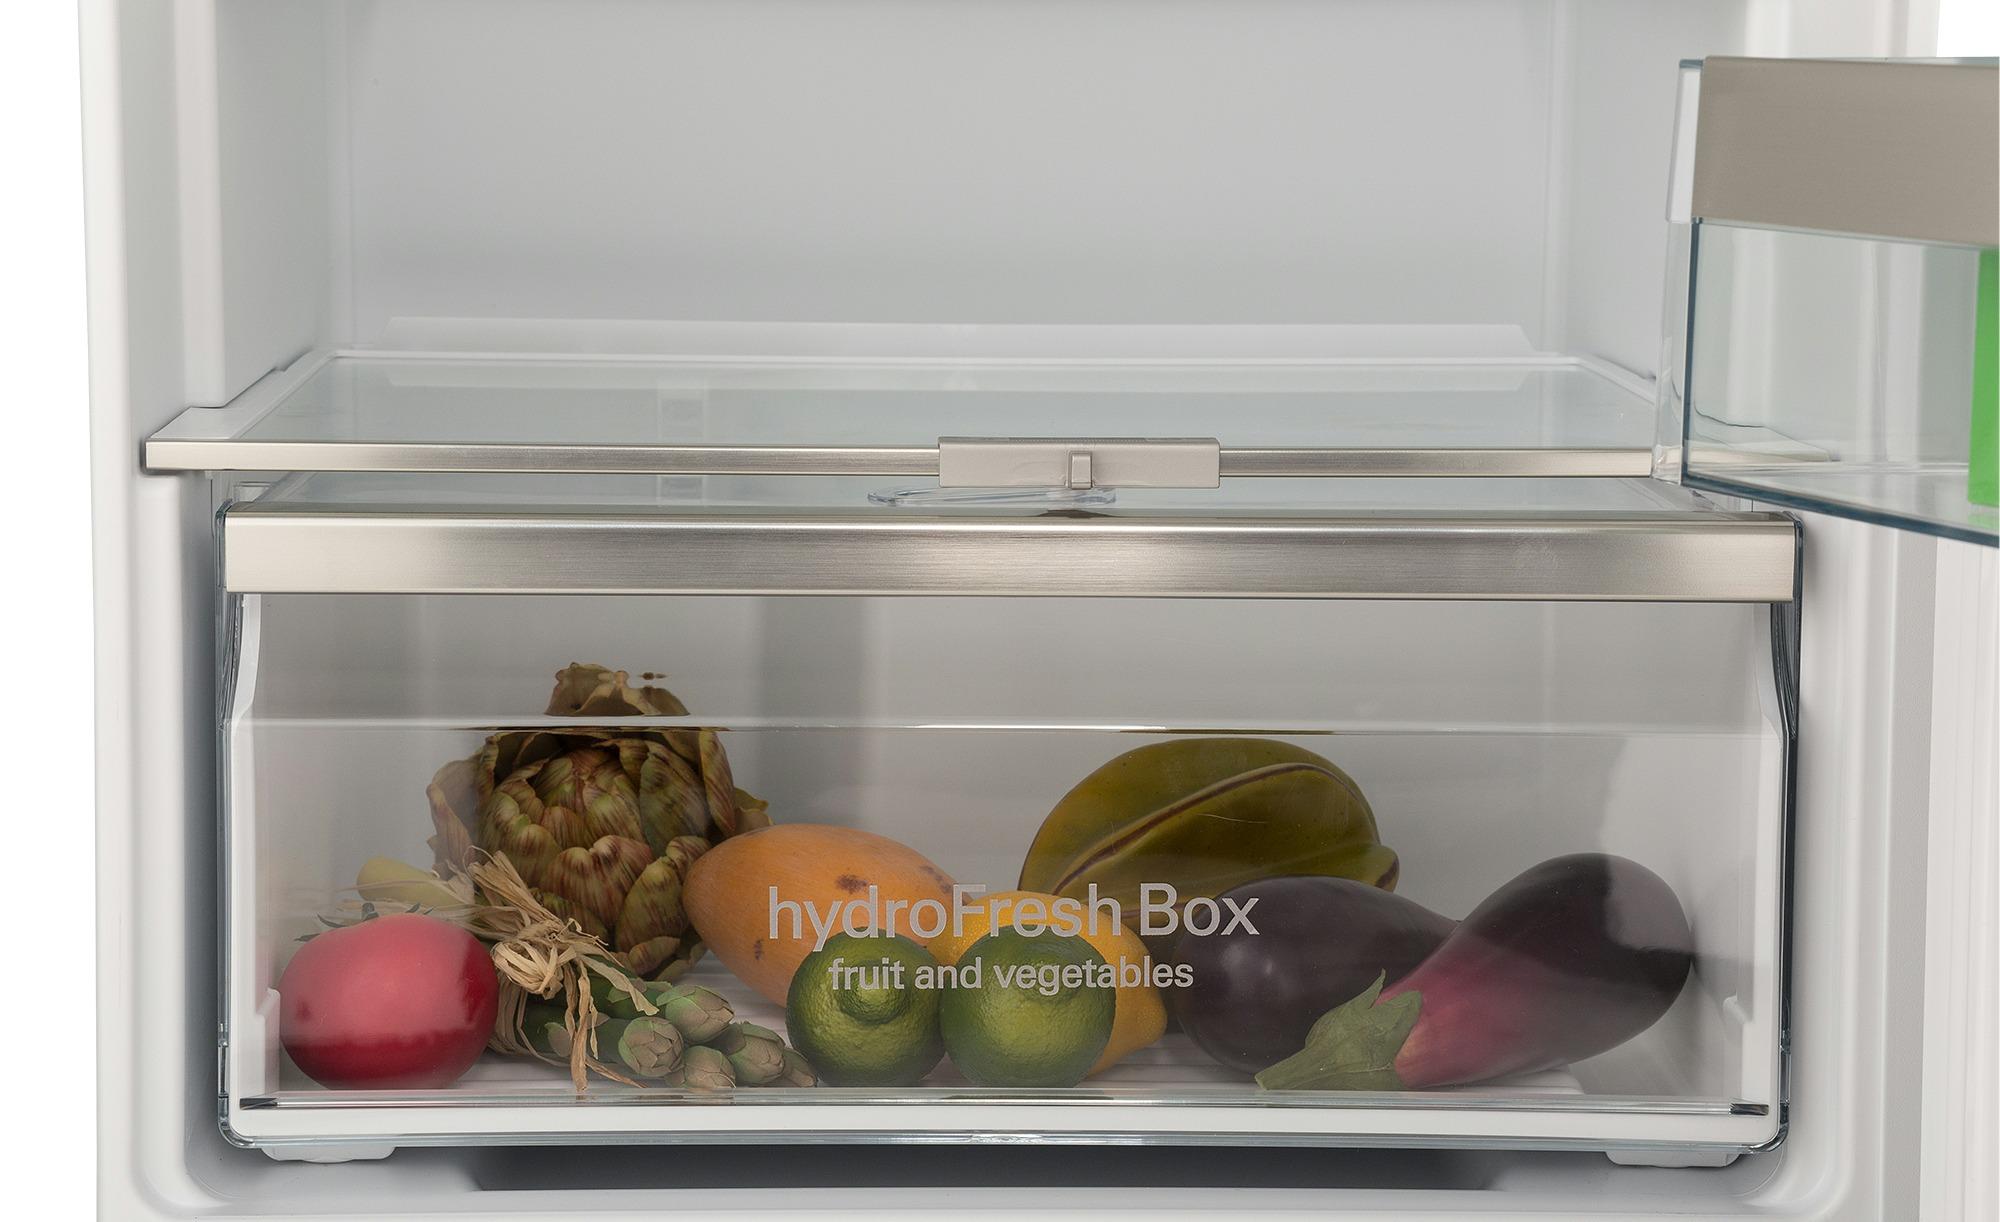 Kühlschrank Siemens : Siemens einbau kühlschrank ki laf möbel höffner